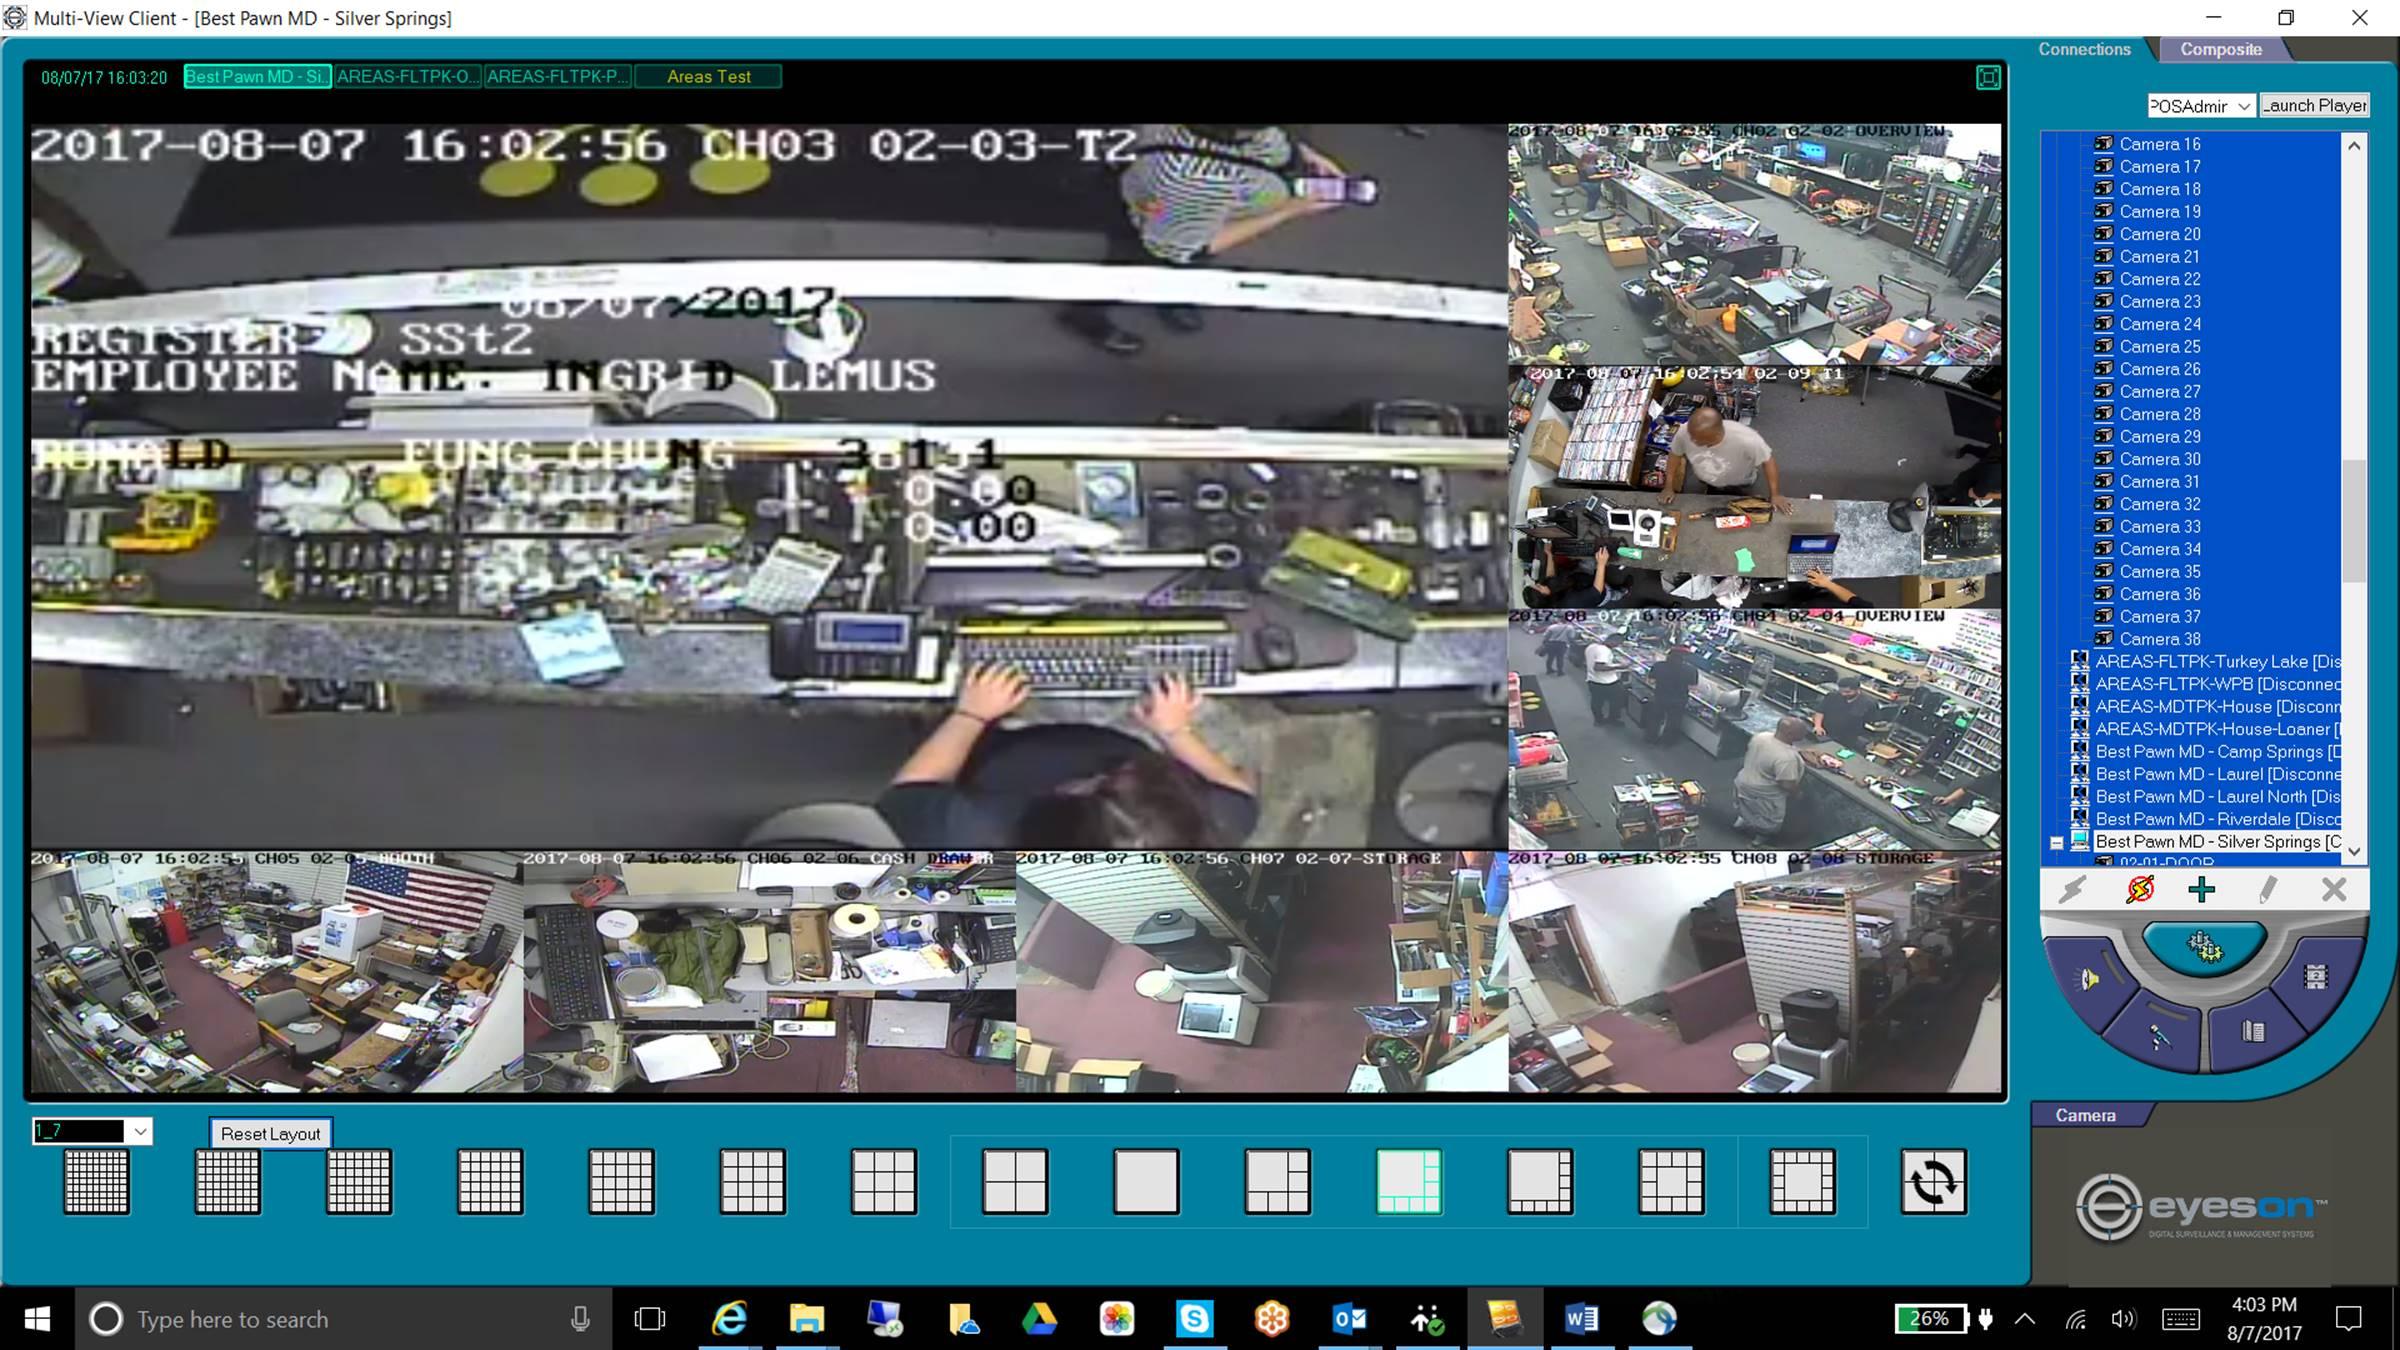 Video Surveillance Dashboard